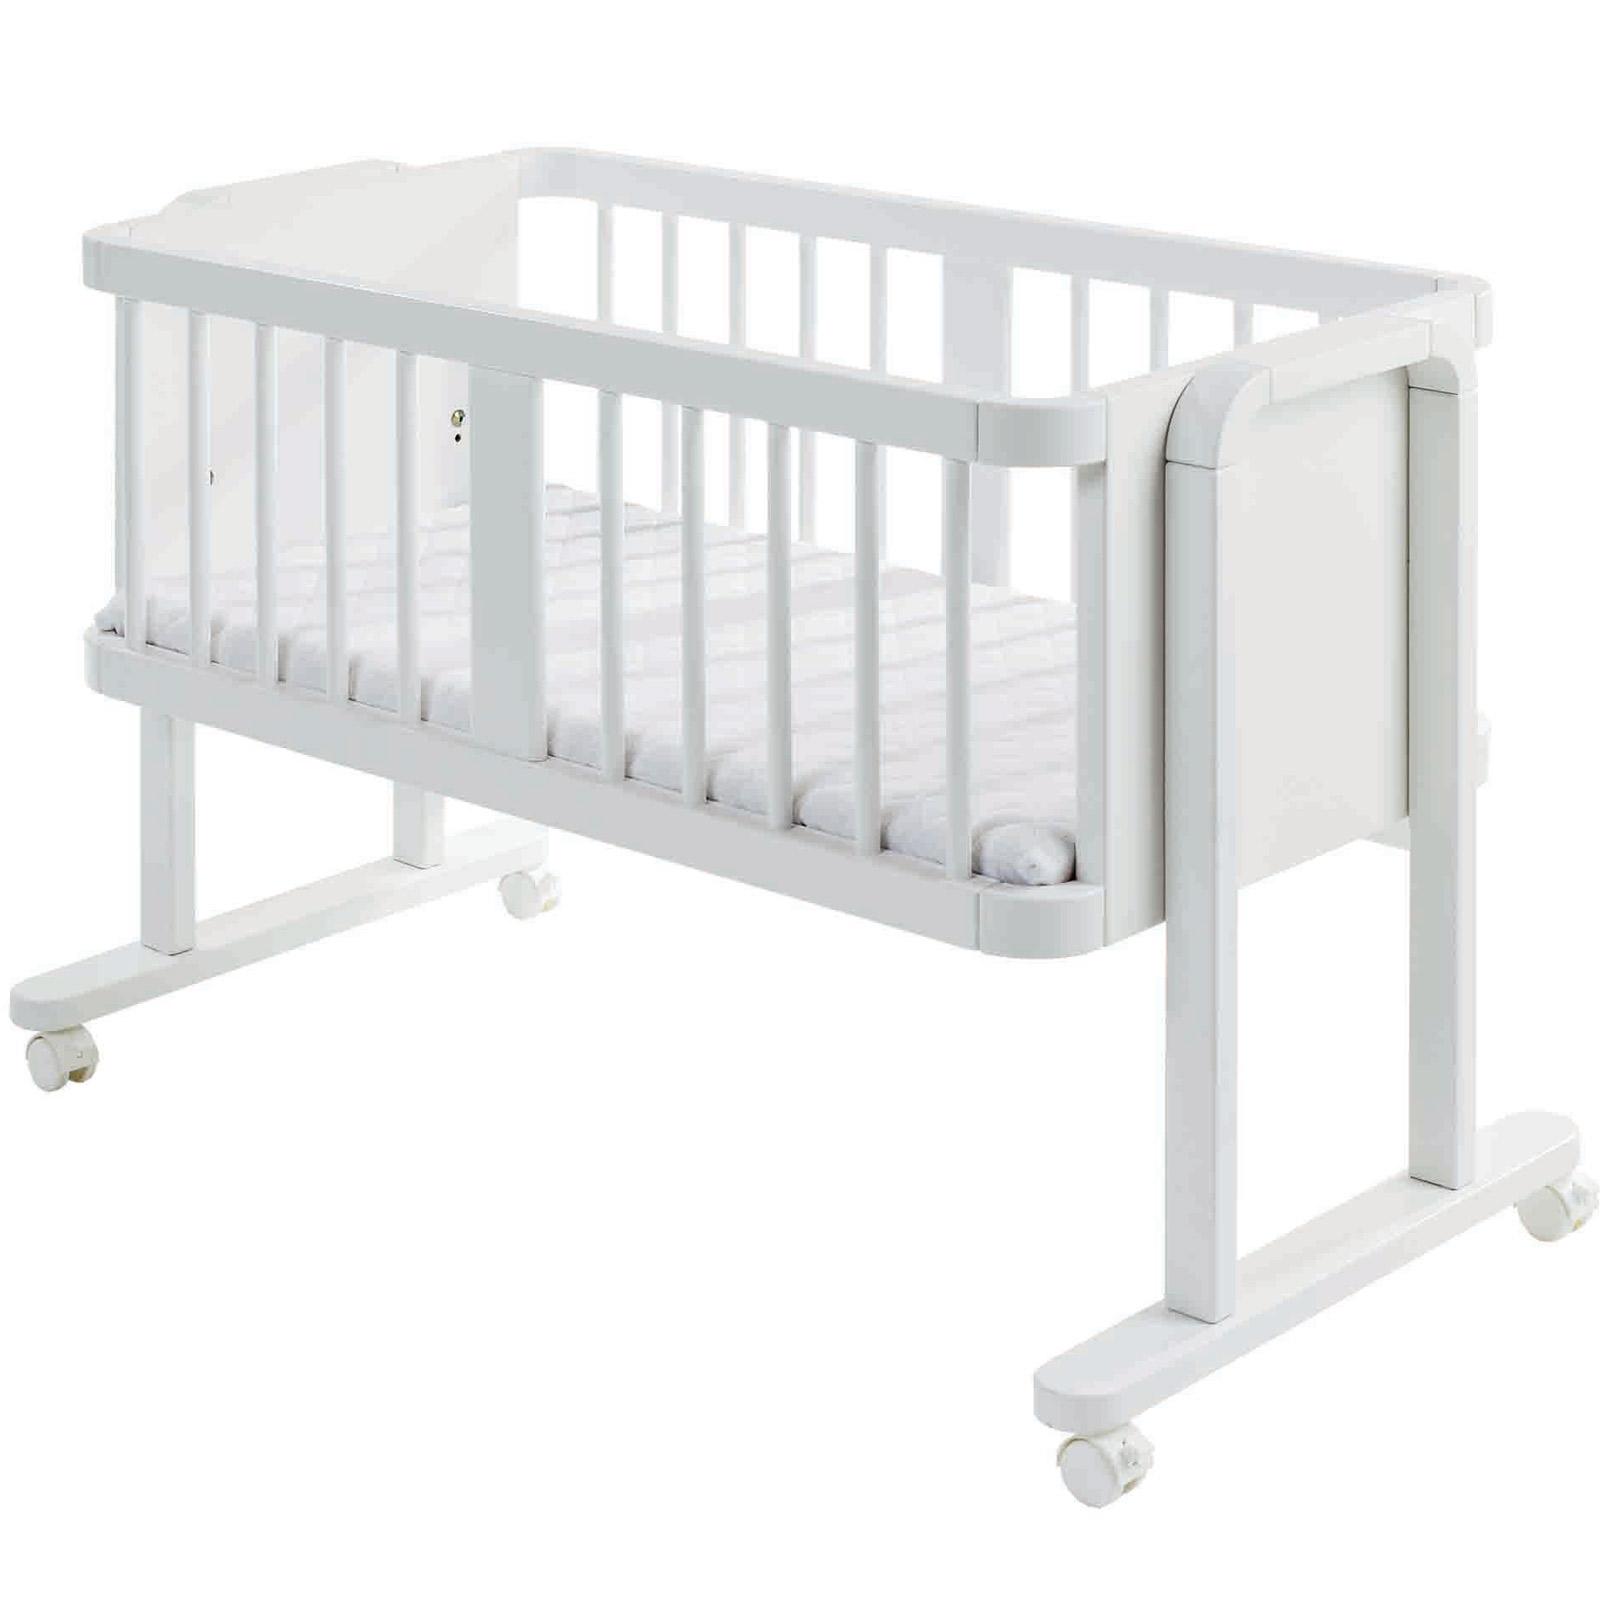 cadeau de naissance ides cadeaux de naissance pour bb. Black Bedroom Furniture Sets. Home Design Ideas